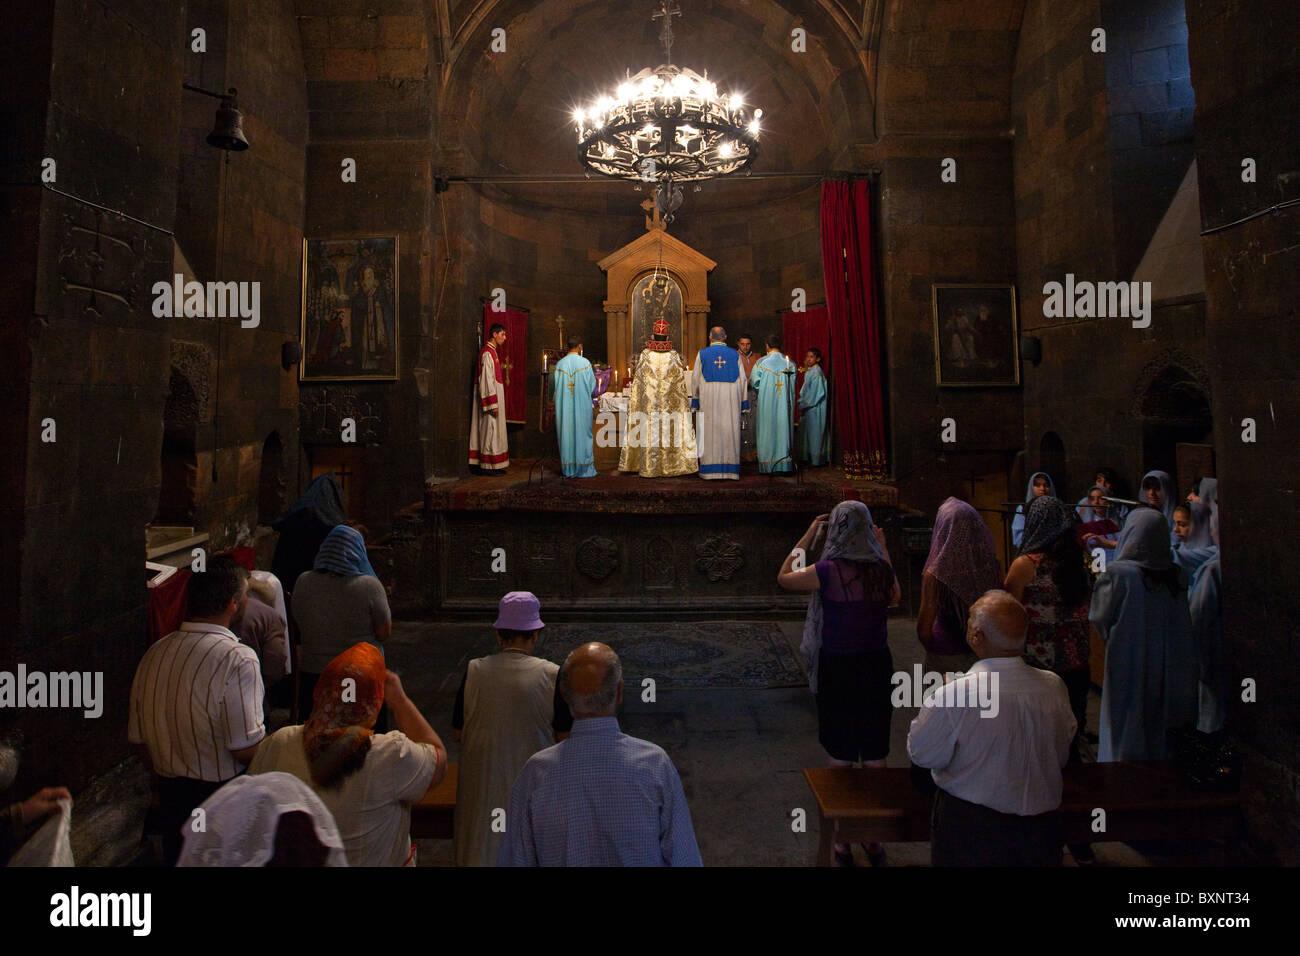 Mass at Khor Virap Monastery, Armenia Stock Photo: 33671320